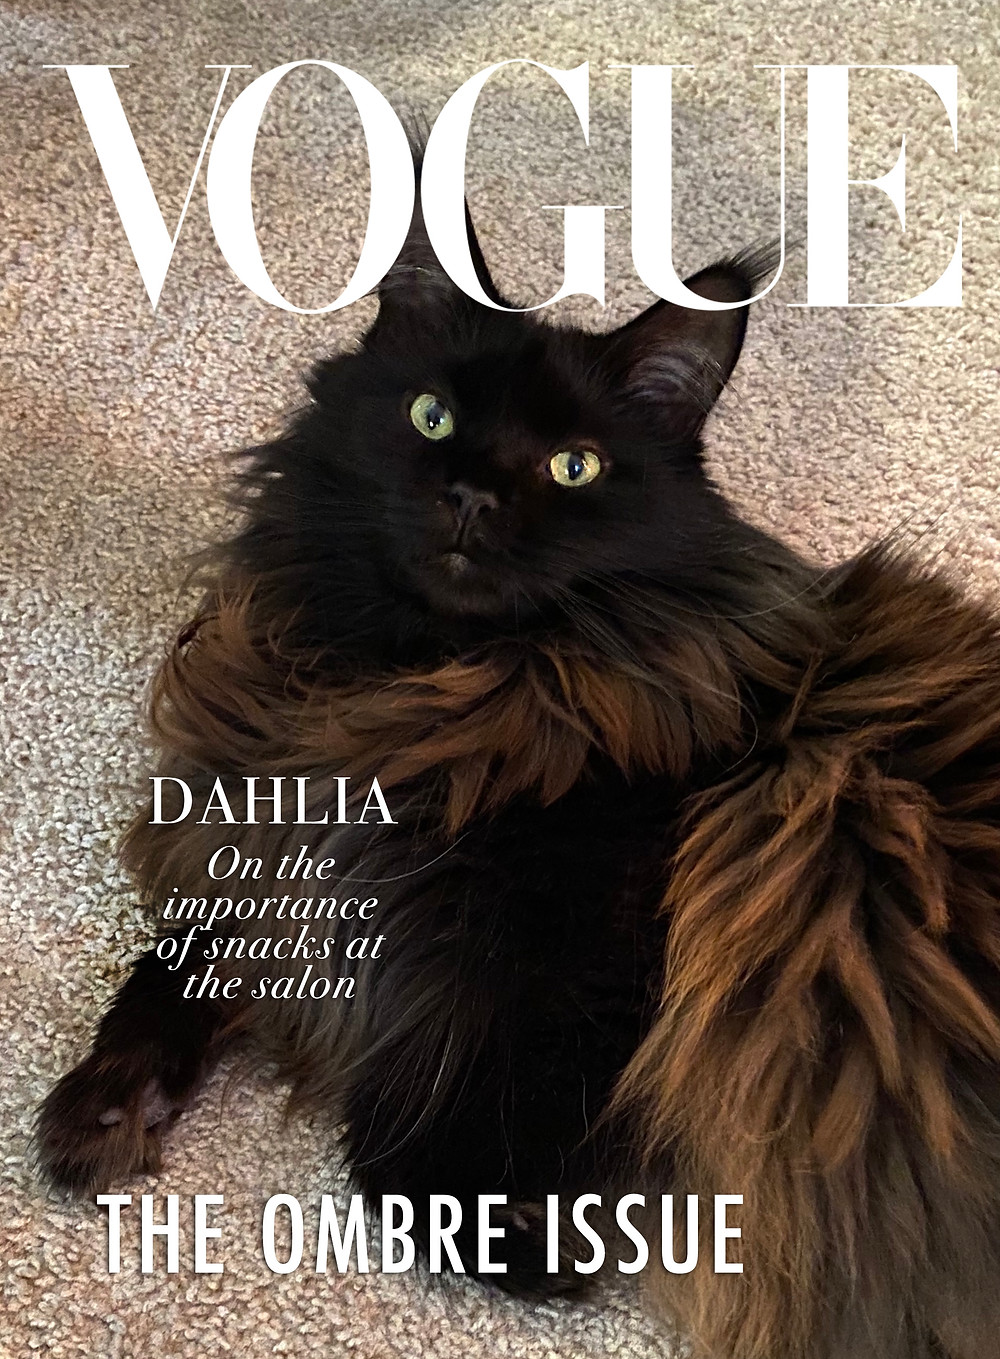 Vogue cover 2 Dahlia from Chicago Black Cat